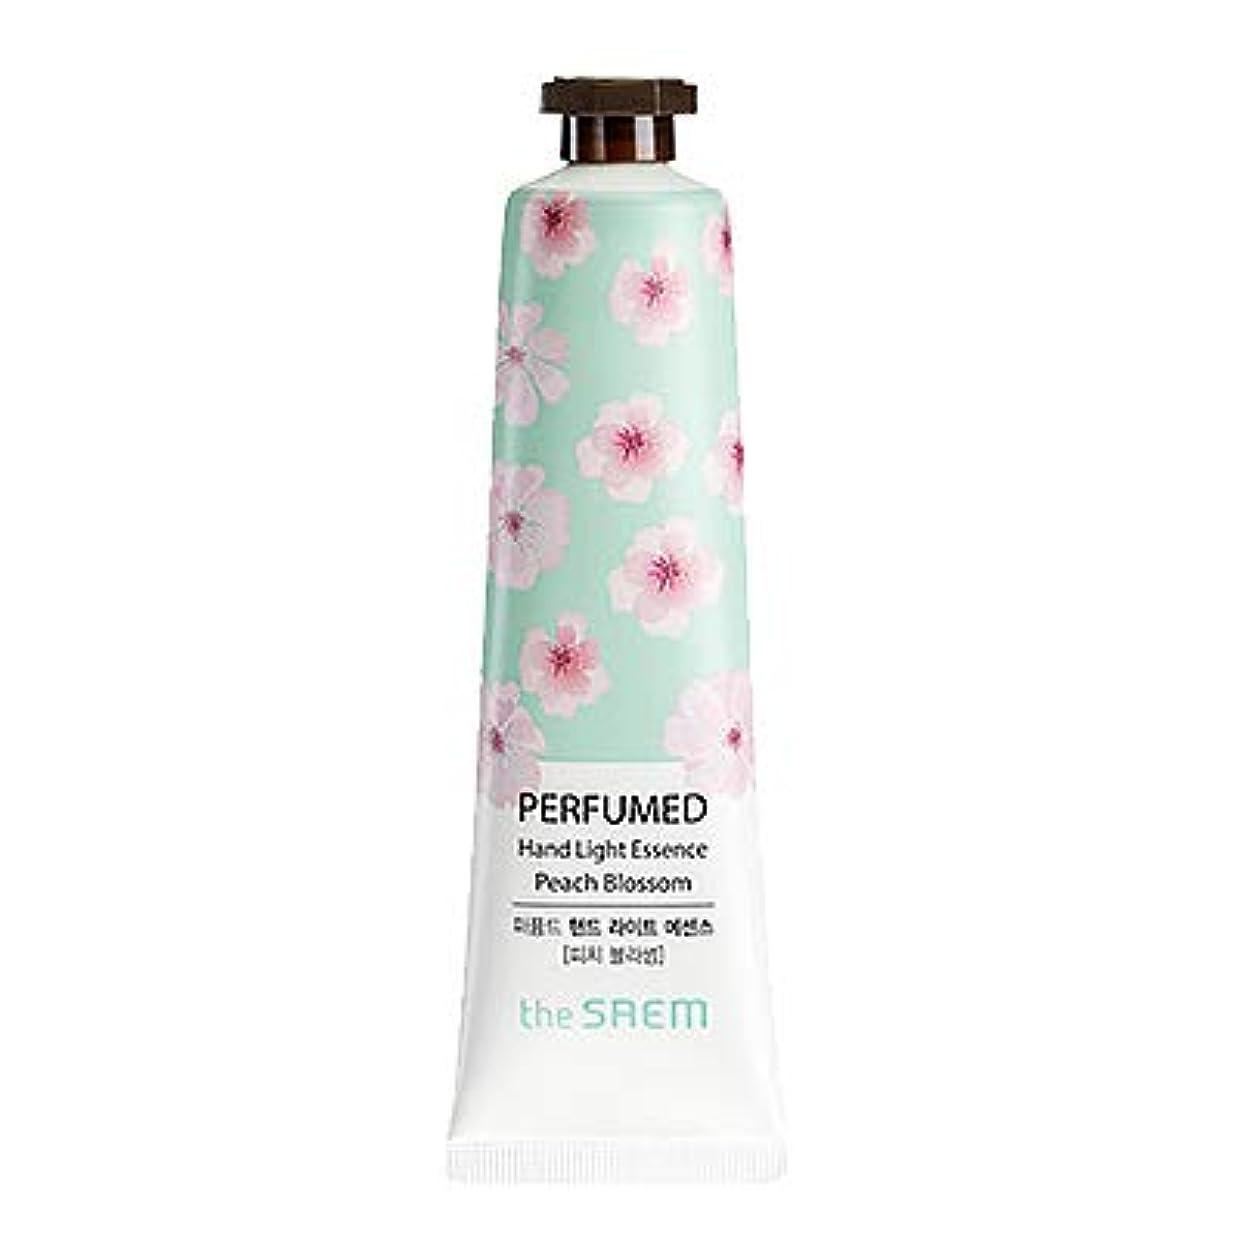 魔女ほぼ分析的theSAEM ザセム パヒューム ハンド ライト エッセンス ハンドクリーム PERFUMED HAND LIGHT ESSENCE 韓国コスメ (E-Peach Blossom(ピーチブロッサム))